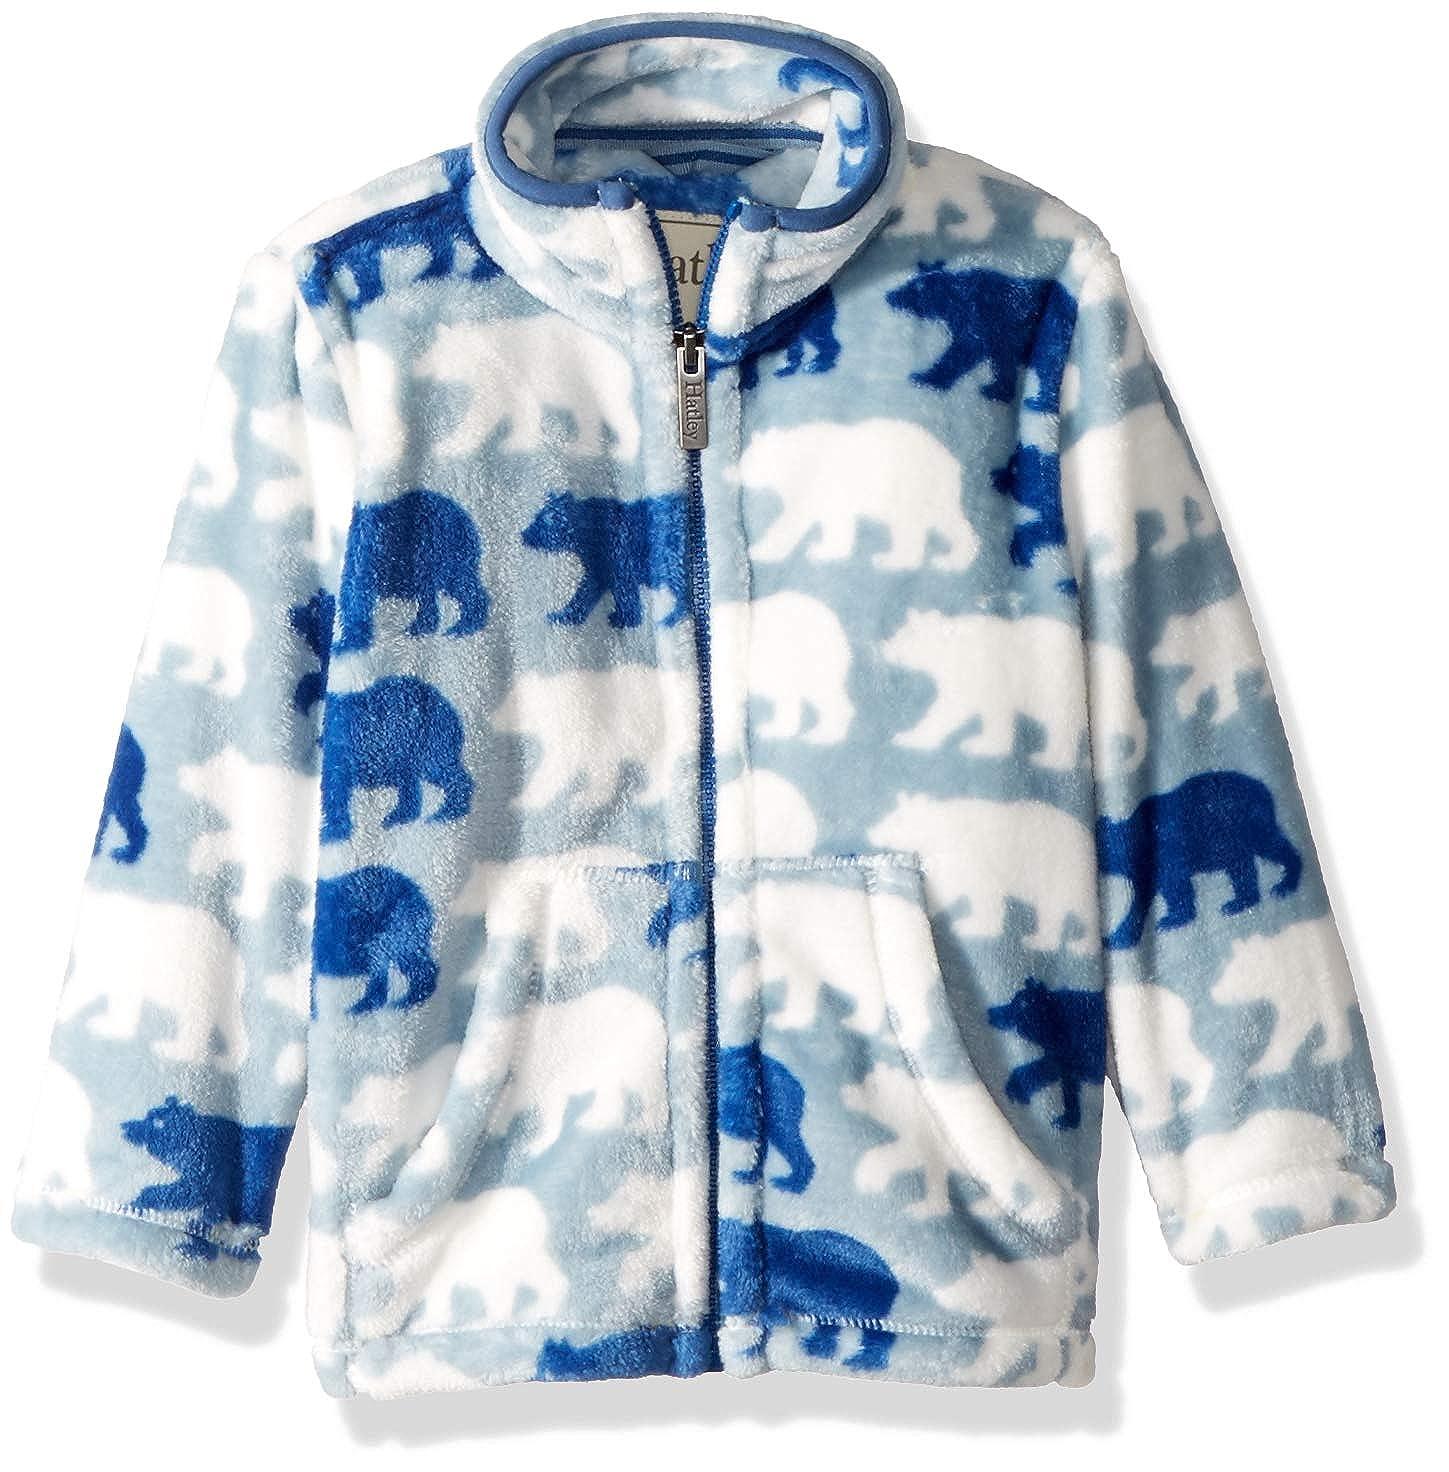 Hatley Boys Fuzzy Fleece Jackets